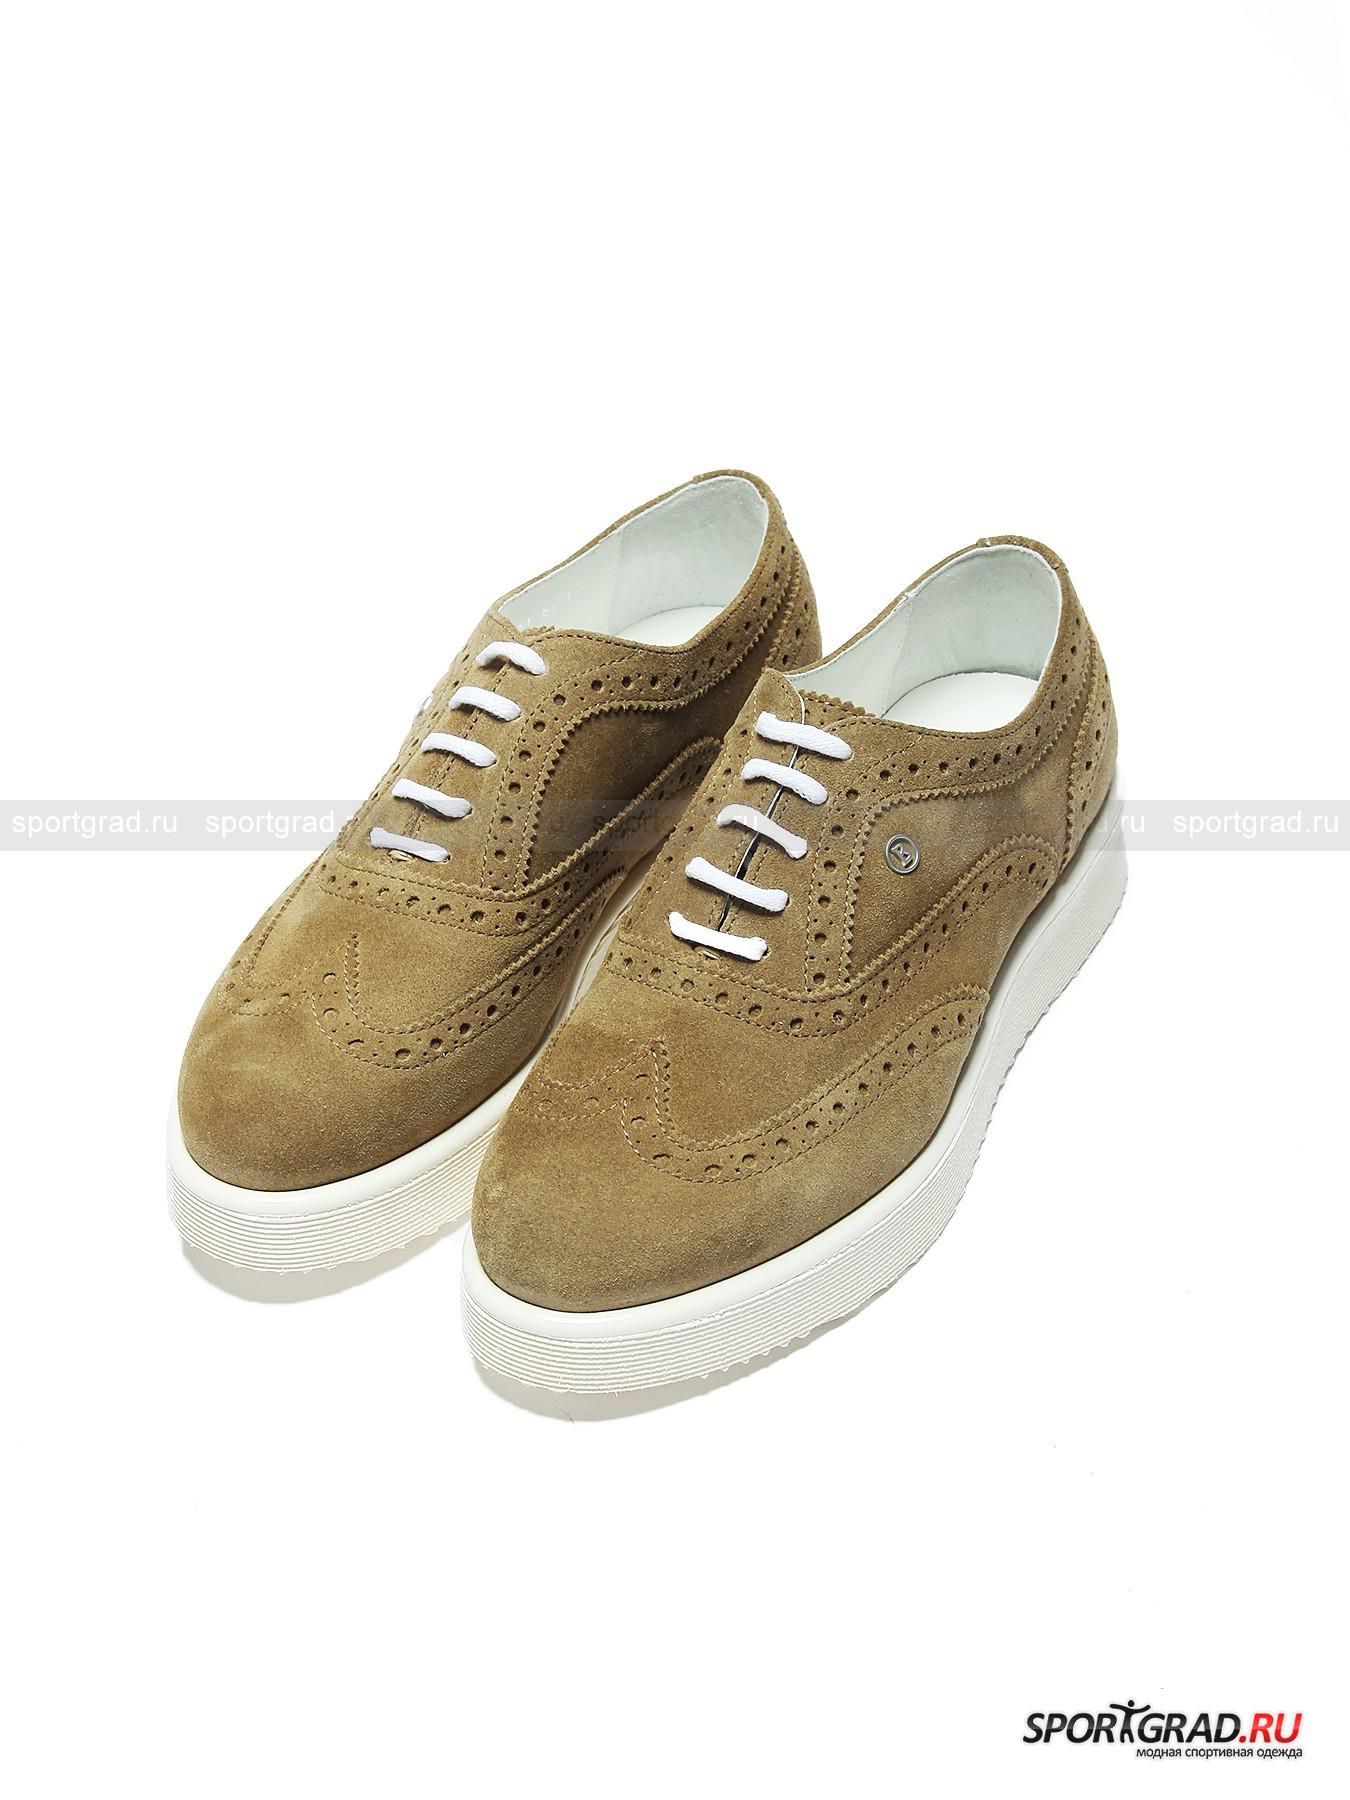 Обувь женская для города Oslo 8D BOGNERБотинки<br><br><br>Пол: Женский<br>Возраст: Взрослый<br>Тип: Ботинки